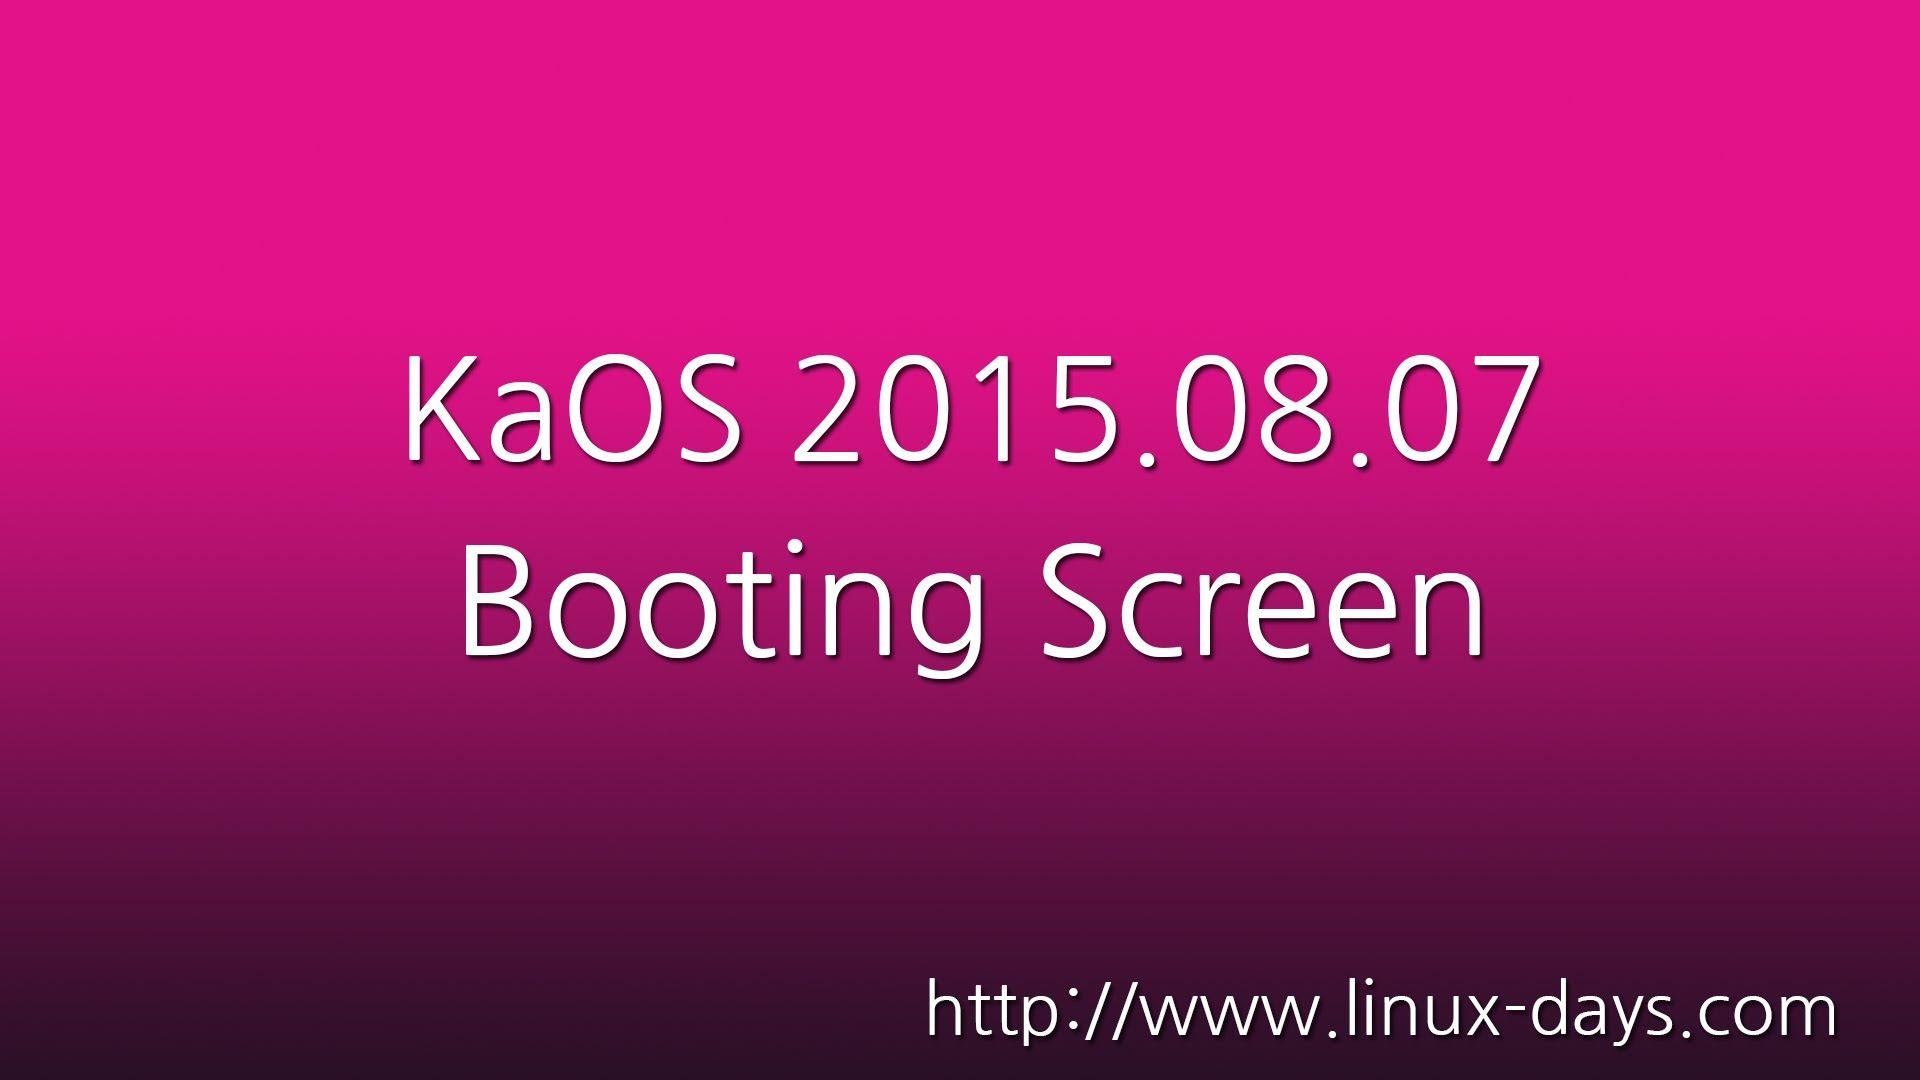 [linux-days.com] KaOS 2015.08.07 Preview (1080p)